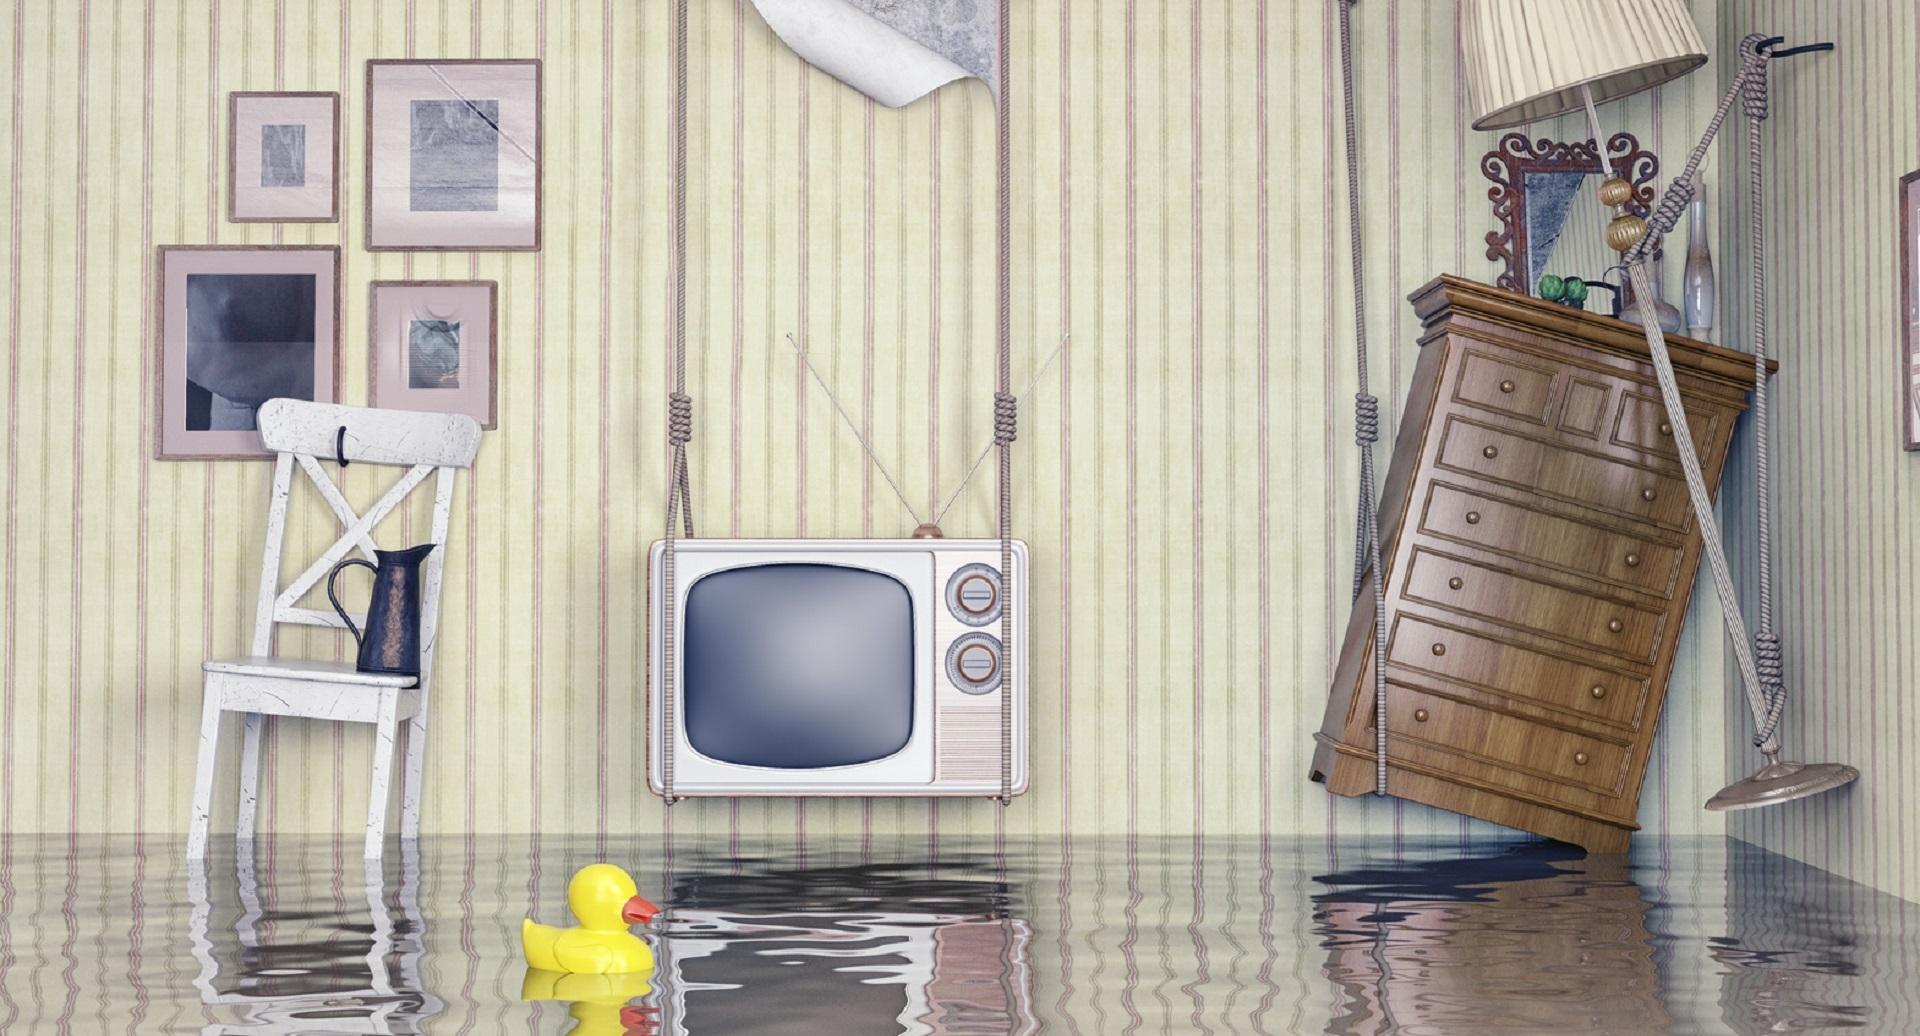 затопили соседей квартира съемная